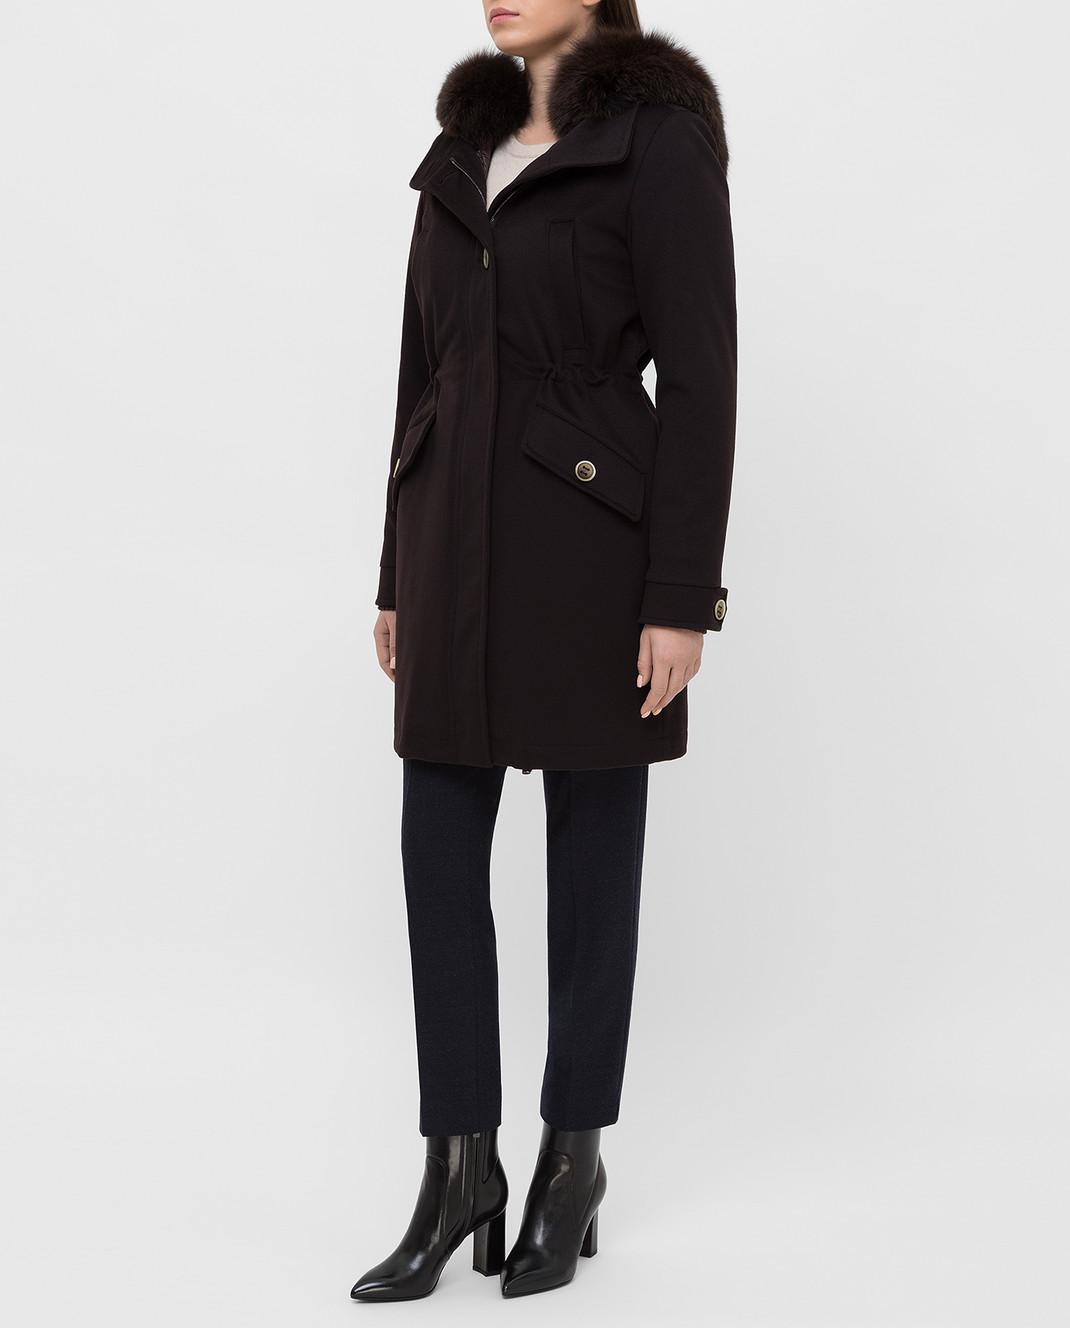 Heresis Темно-коричневое пальто из шерсти P1290VO изображение 3